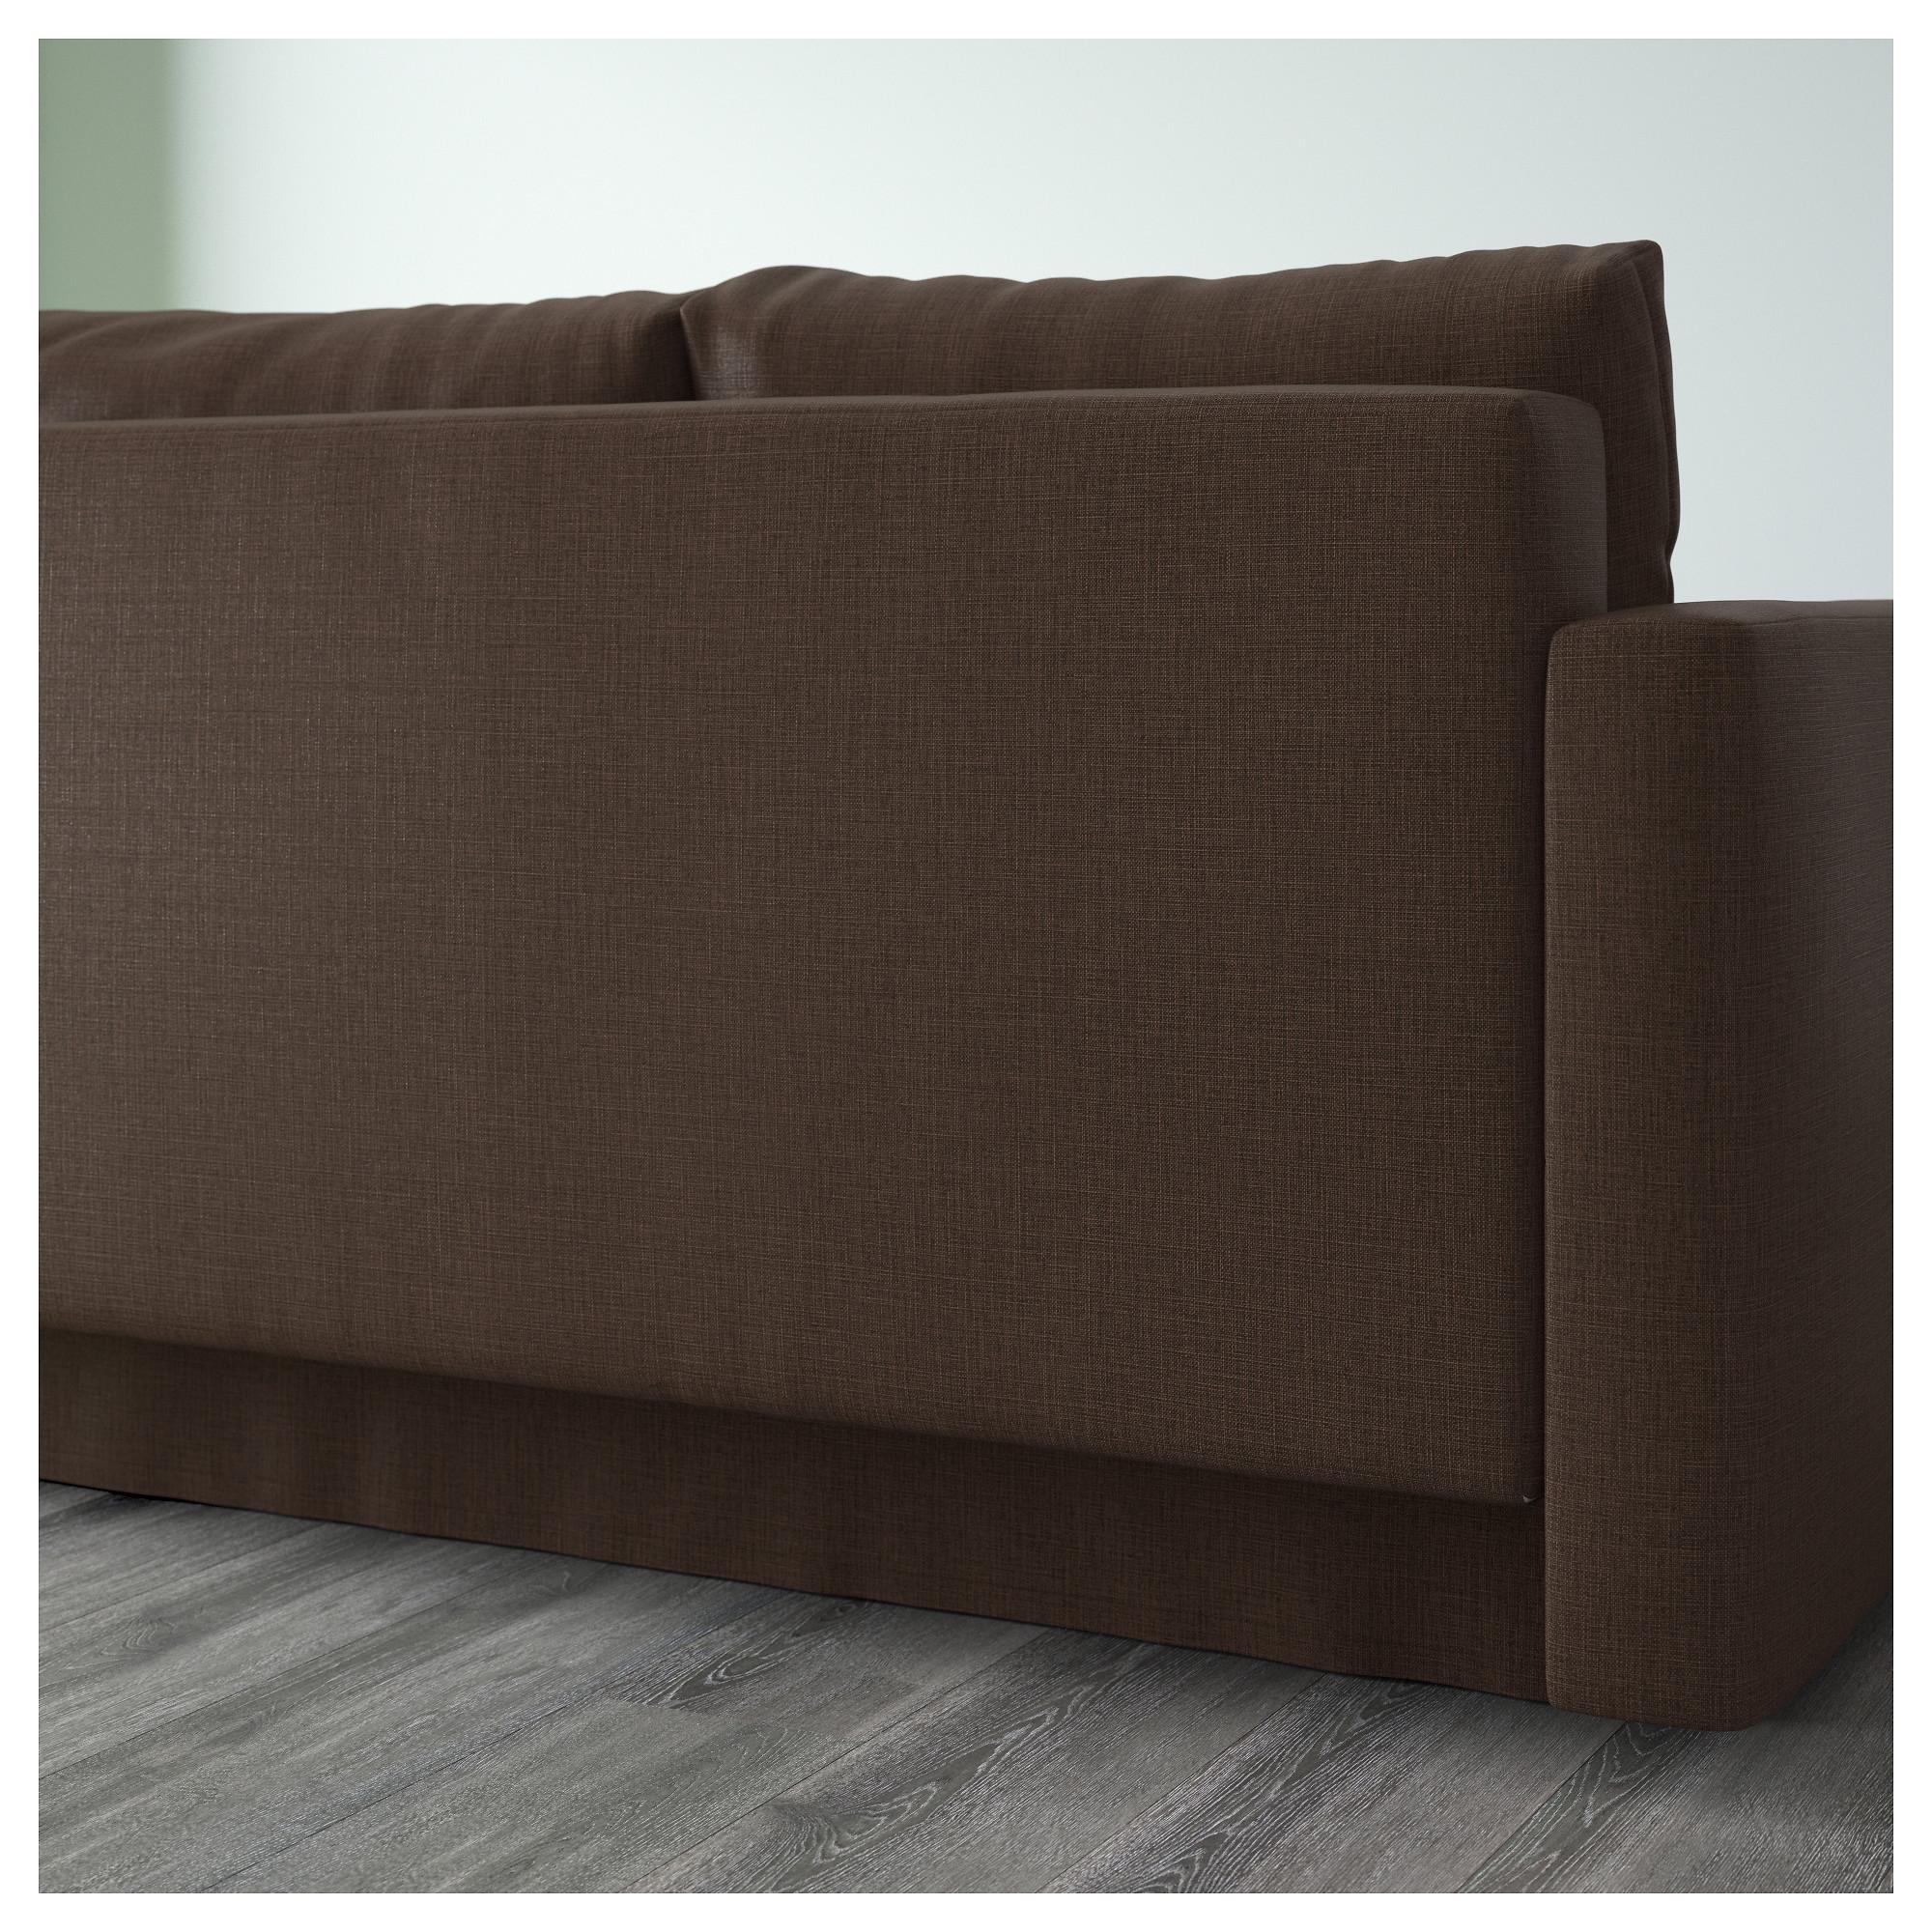 20 Ideas Of Storage Sofas Ikea Sofa Ideas